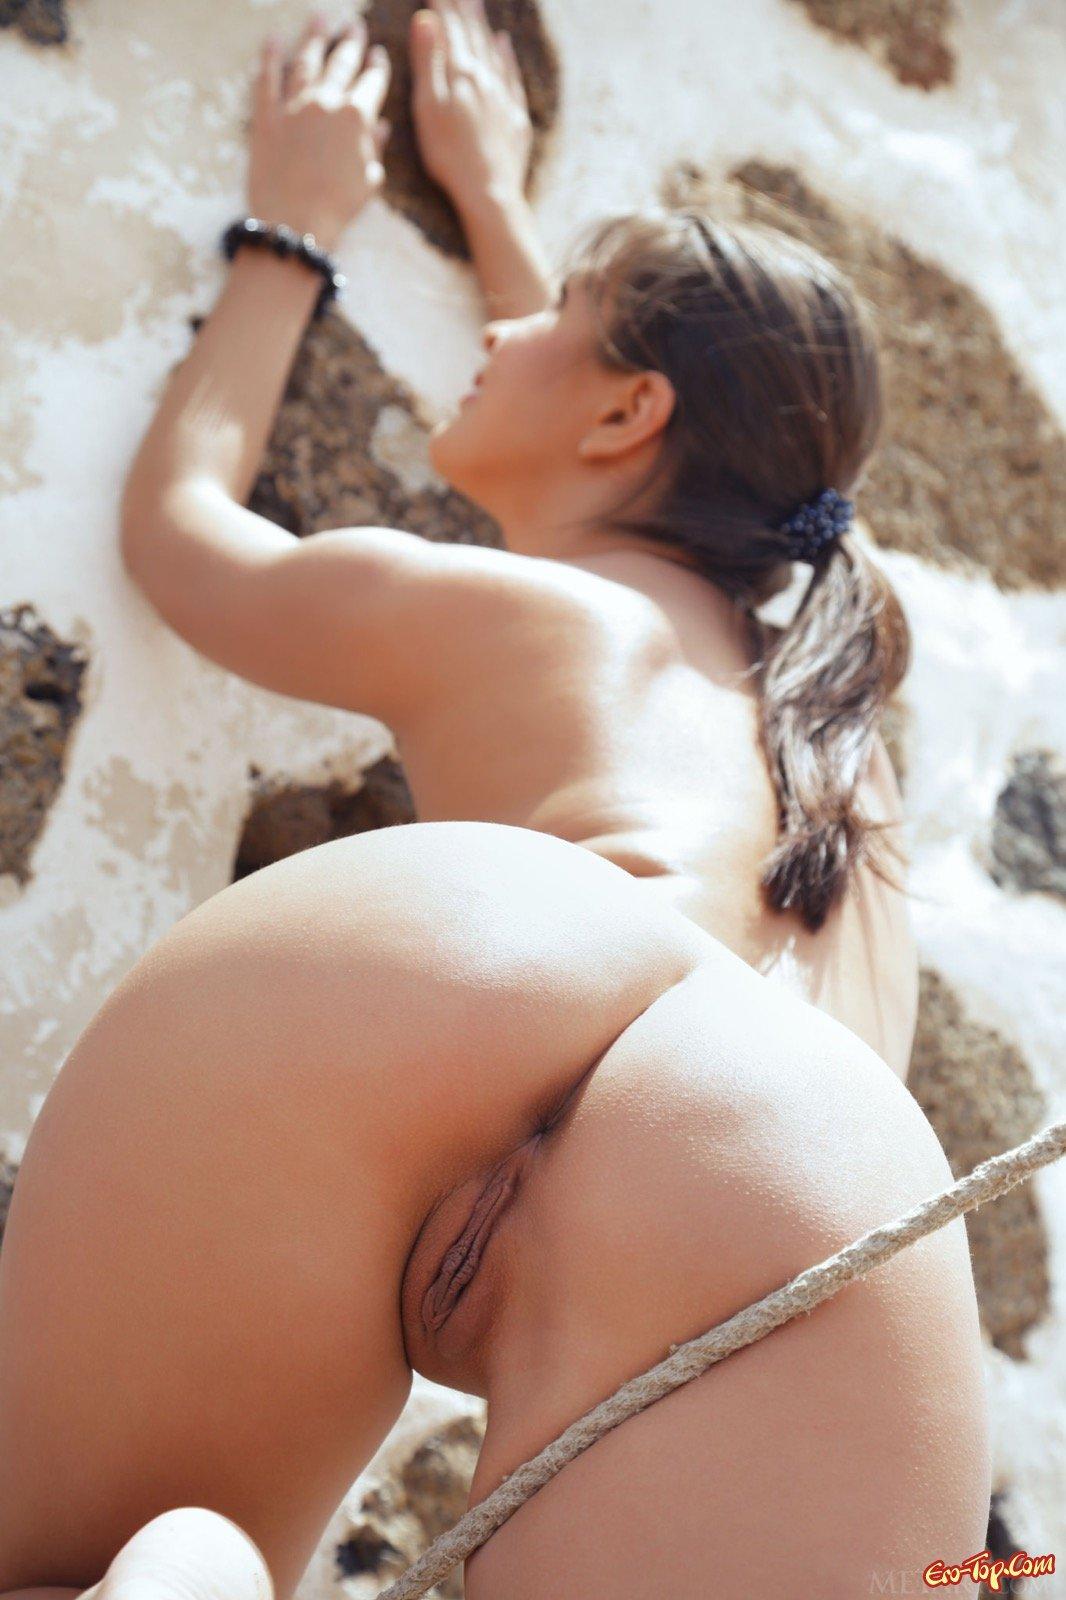 Милашка в сарафане показывает тело возле мельницы